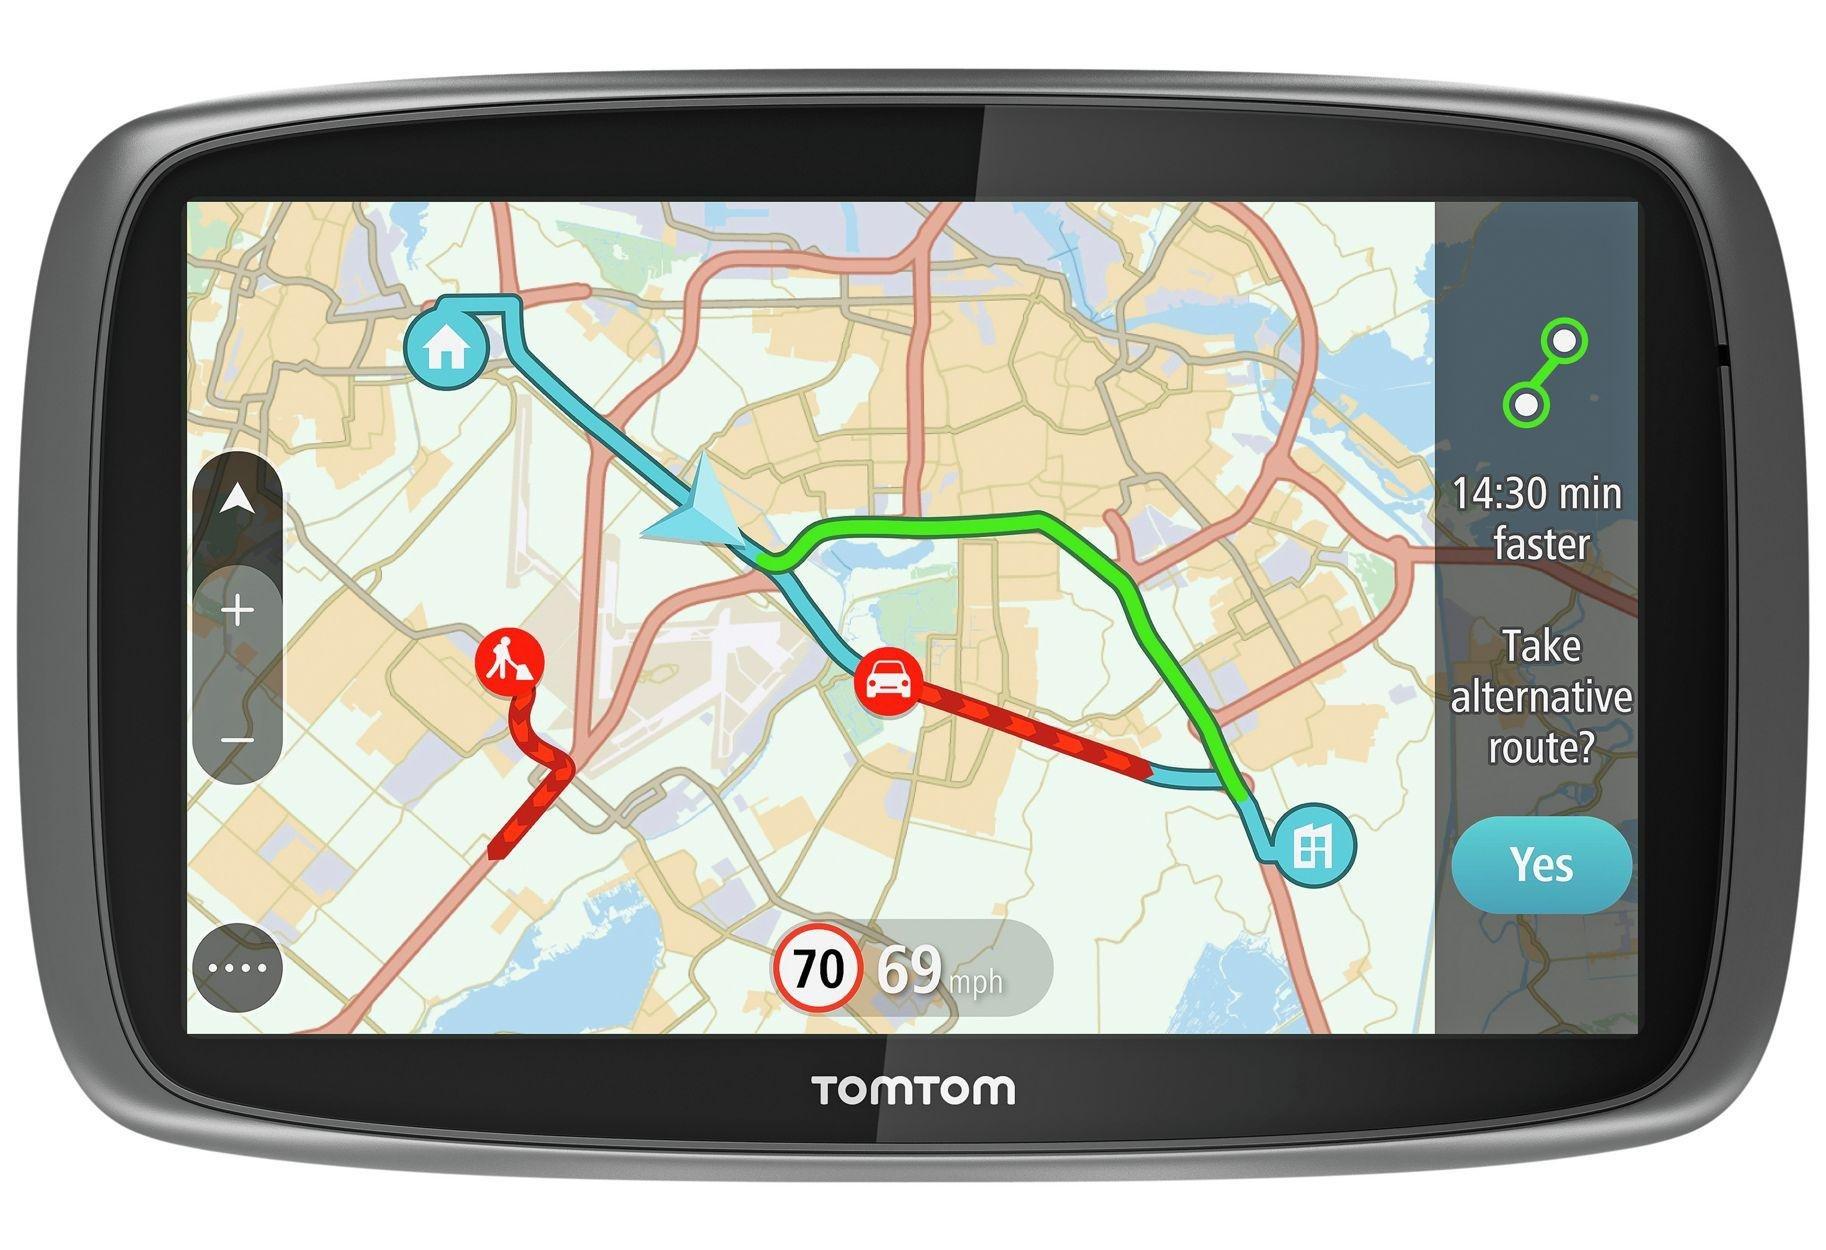 TomTom TomTom - Sat Nav - Go 50 5 Inch - Full Europe Lifetime Maps & Traffic